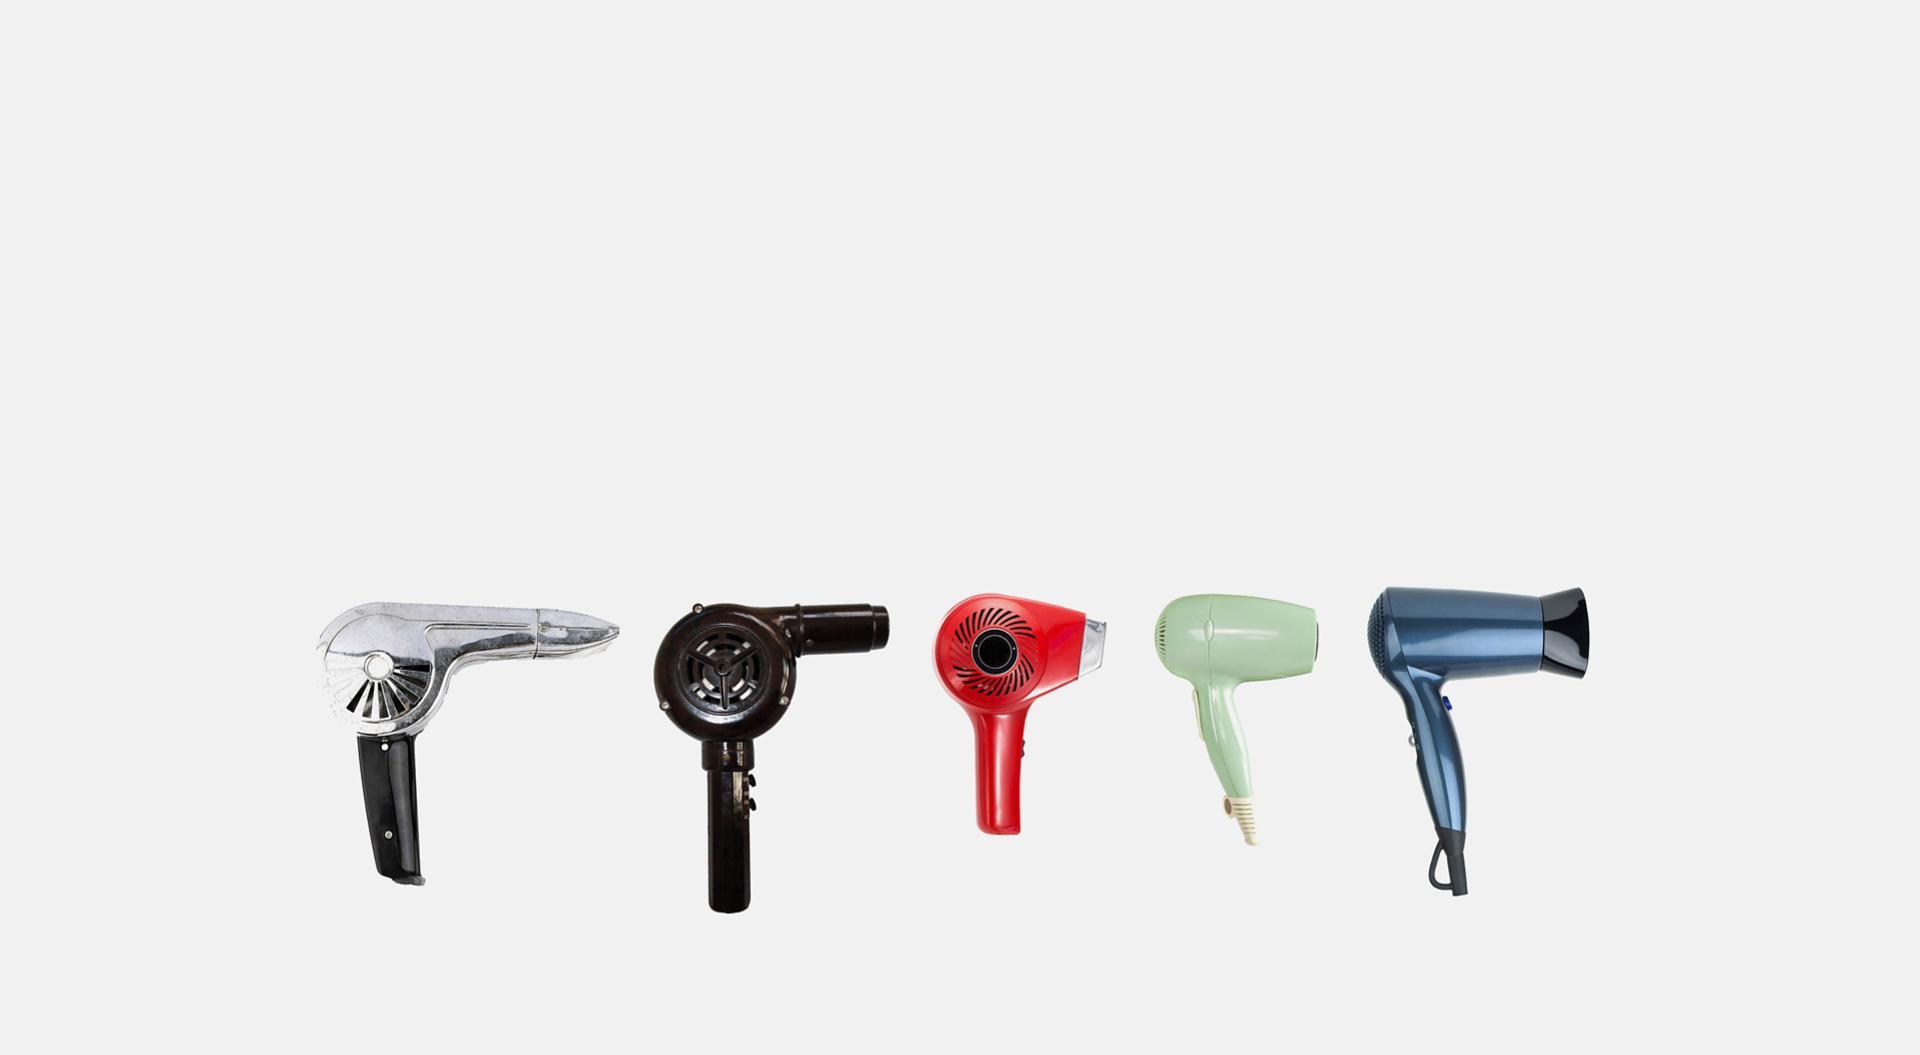 Üst üste farklı saç kurutma makineleri